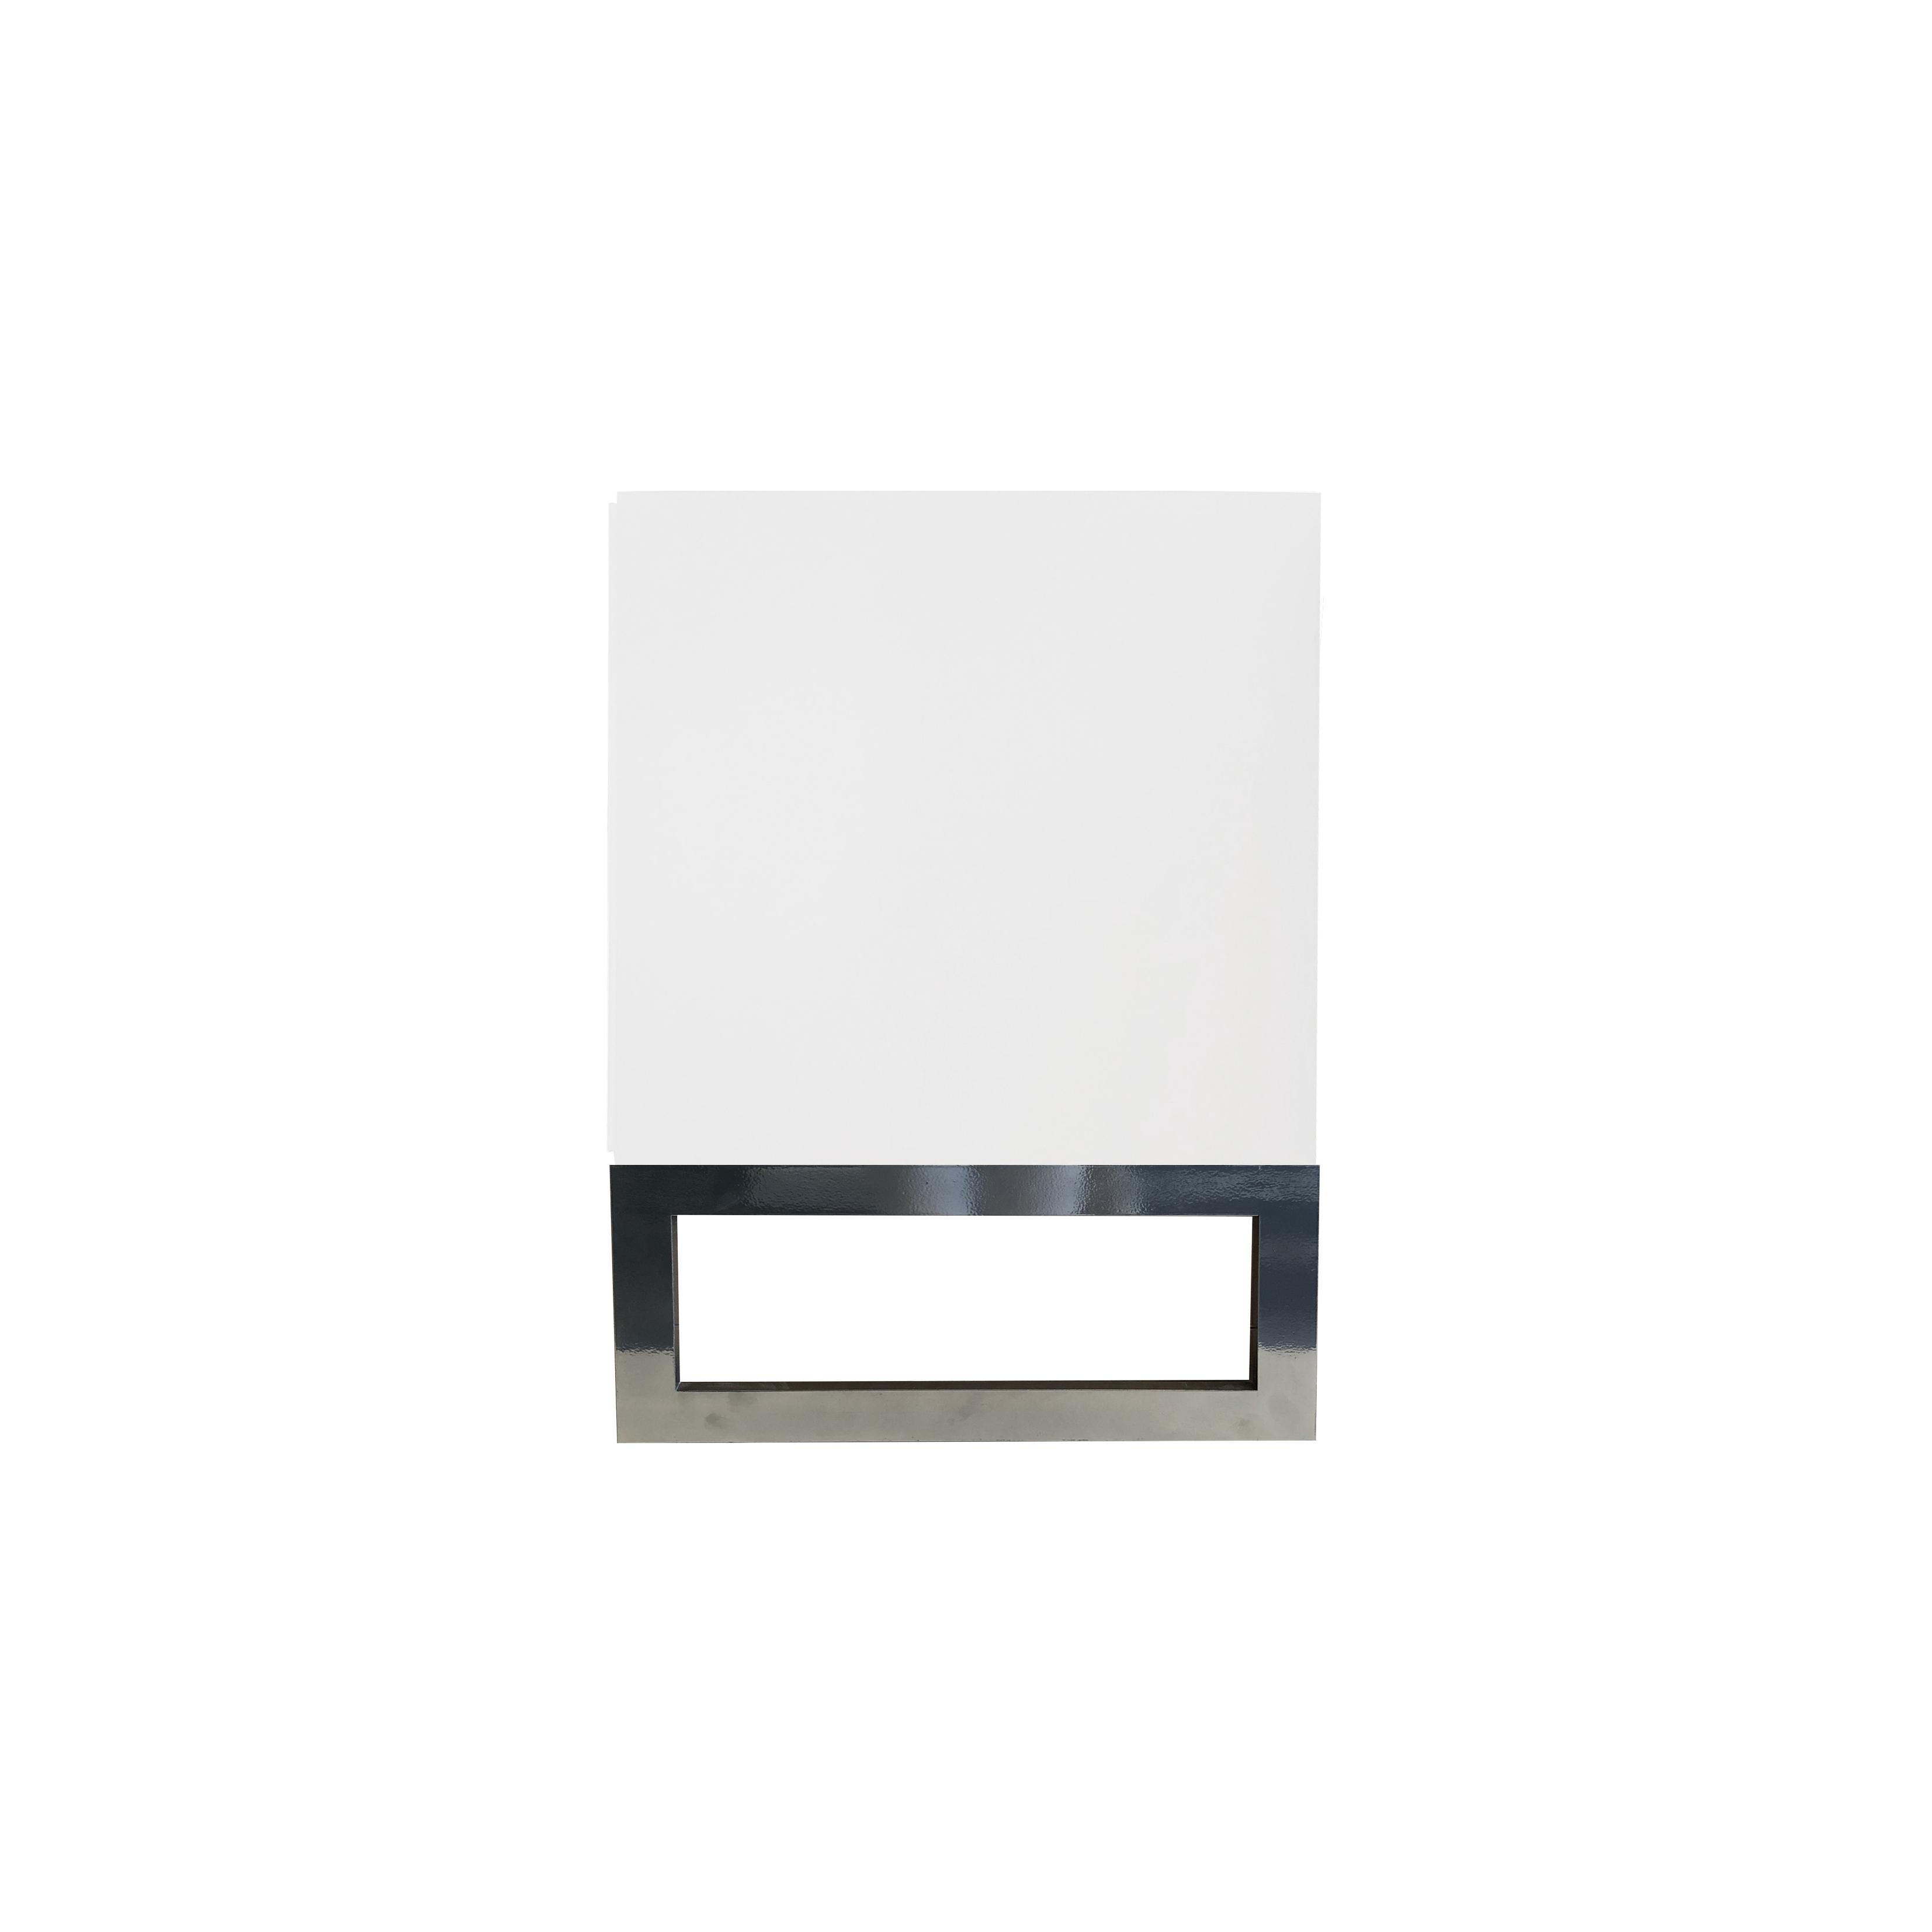 Line Byrå 6 lådor White med benställning från sidan - englesson.se